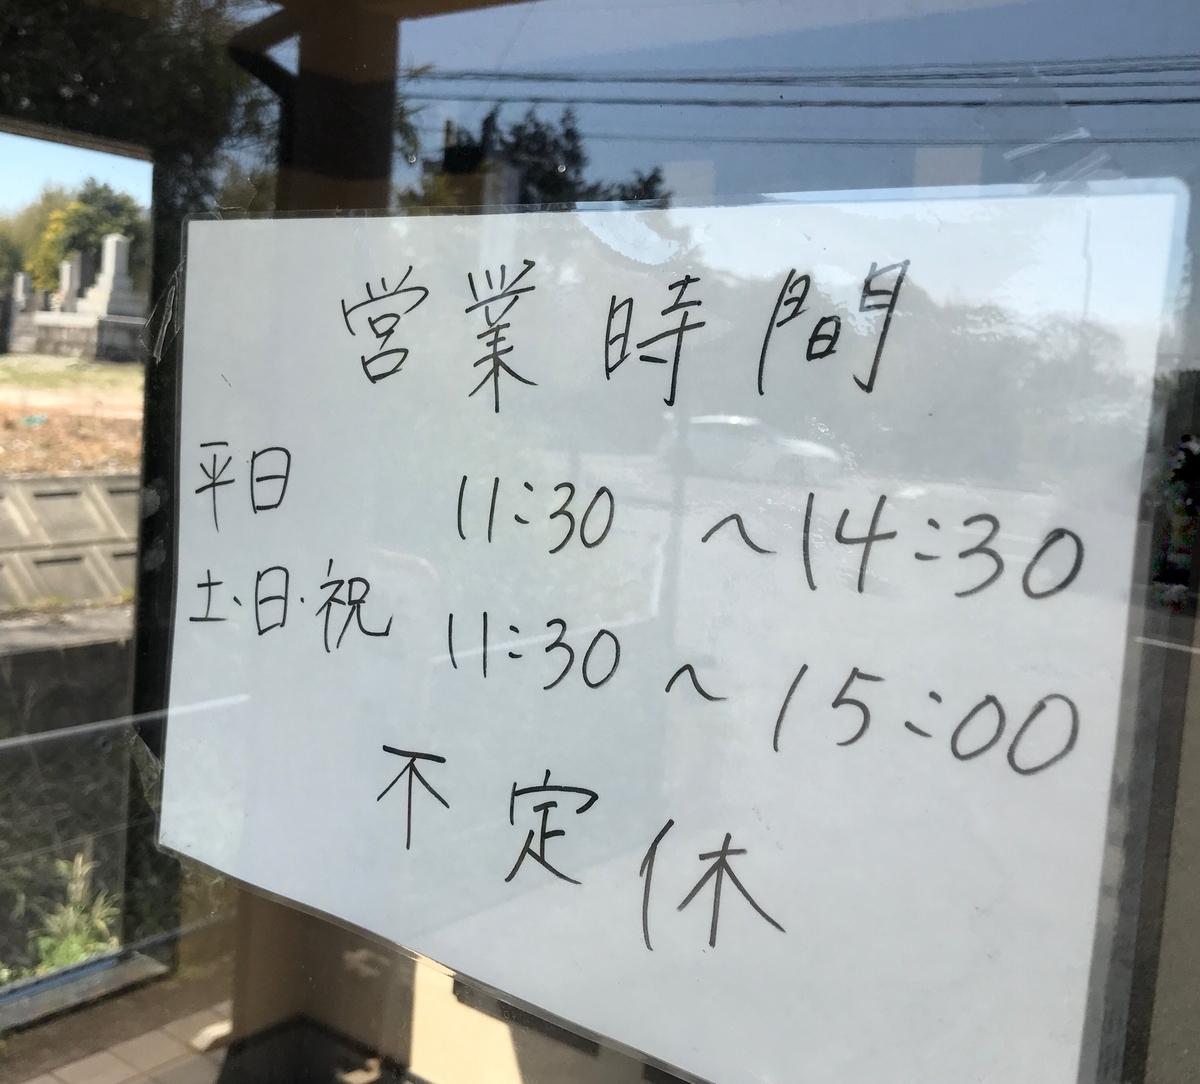 佐賀市麺屋ぷいぷい 2002.3 営業時間